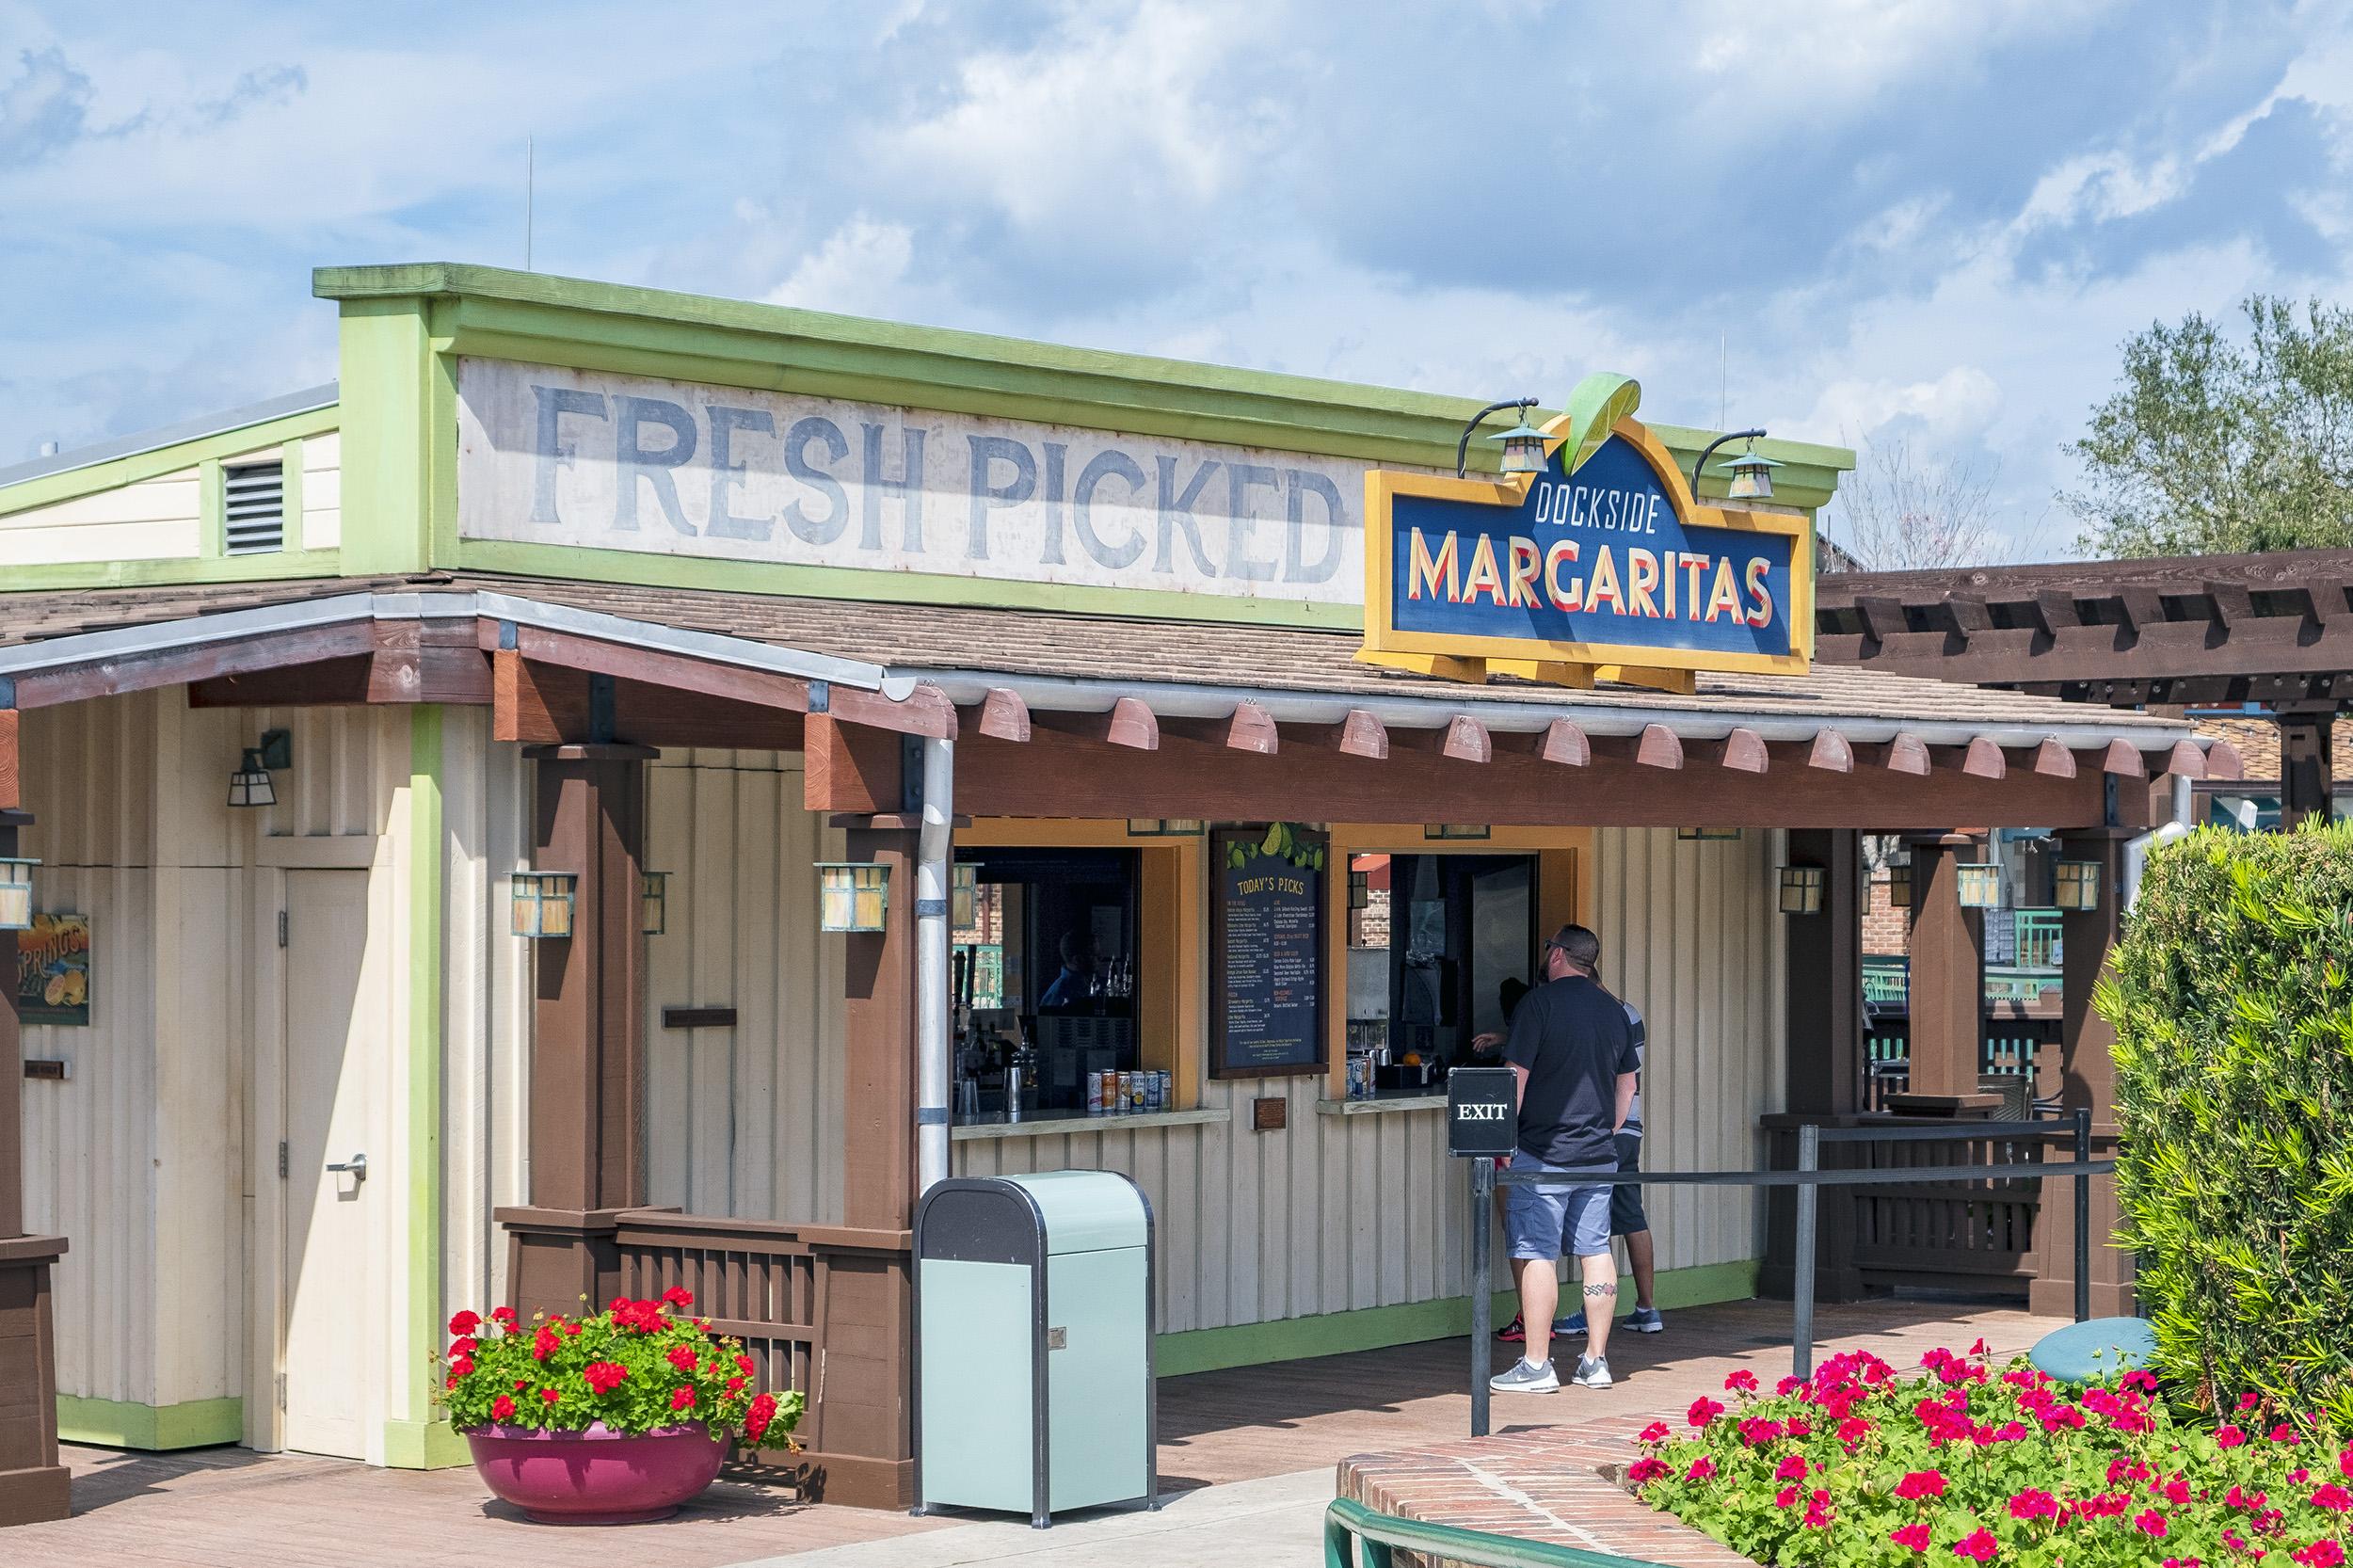 Disney Springs Dockside Margaritas